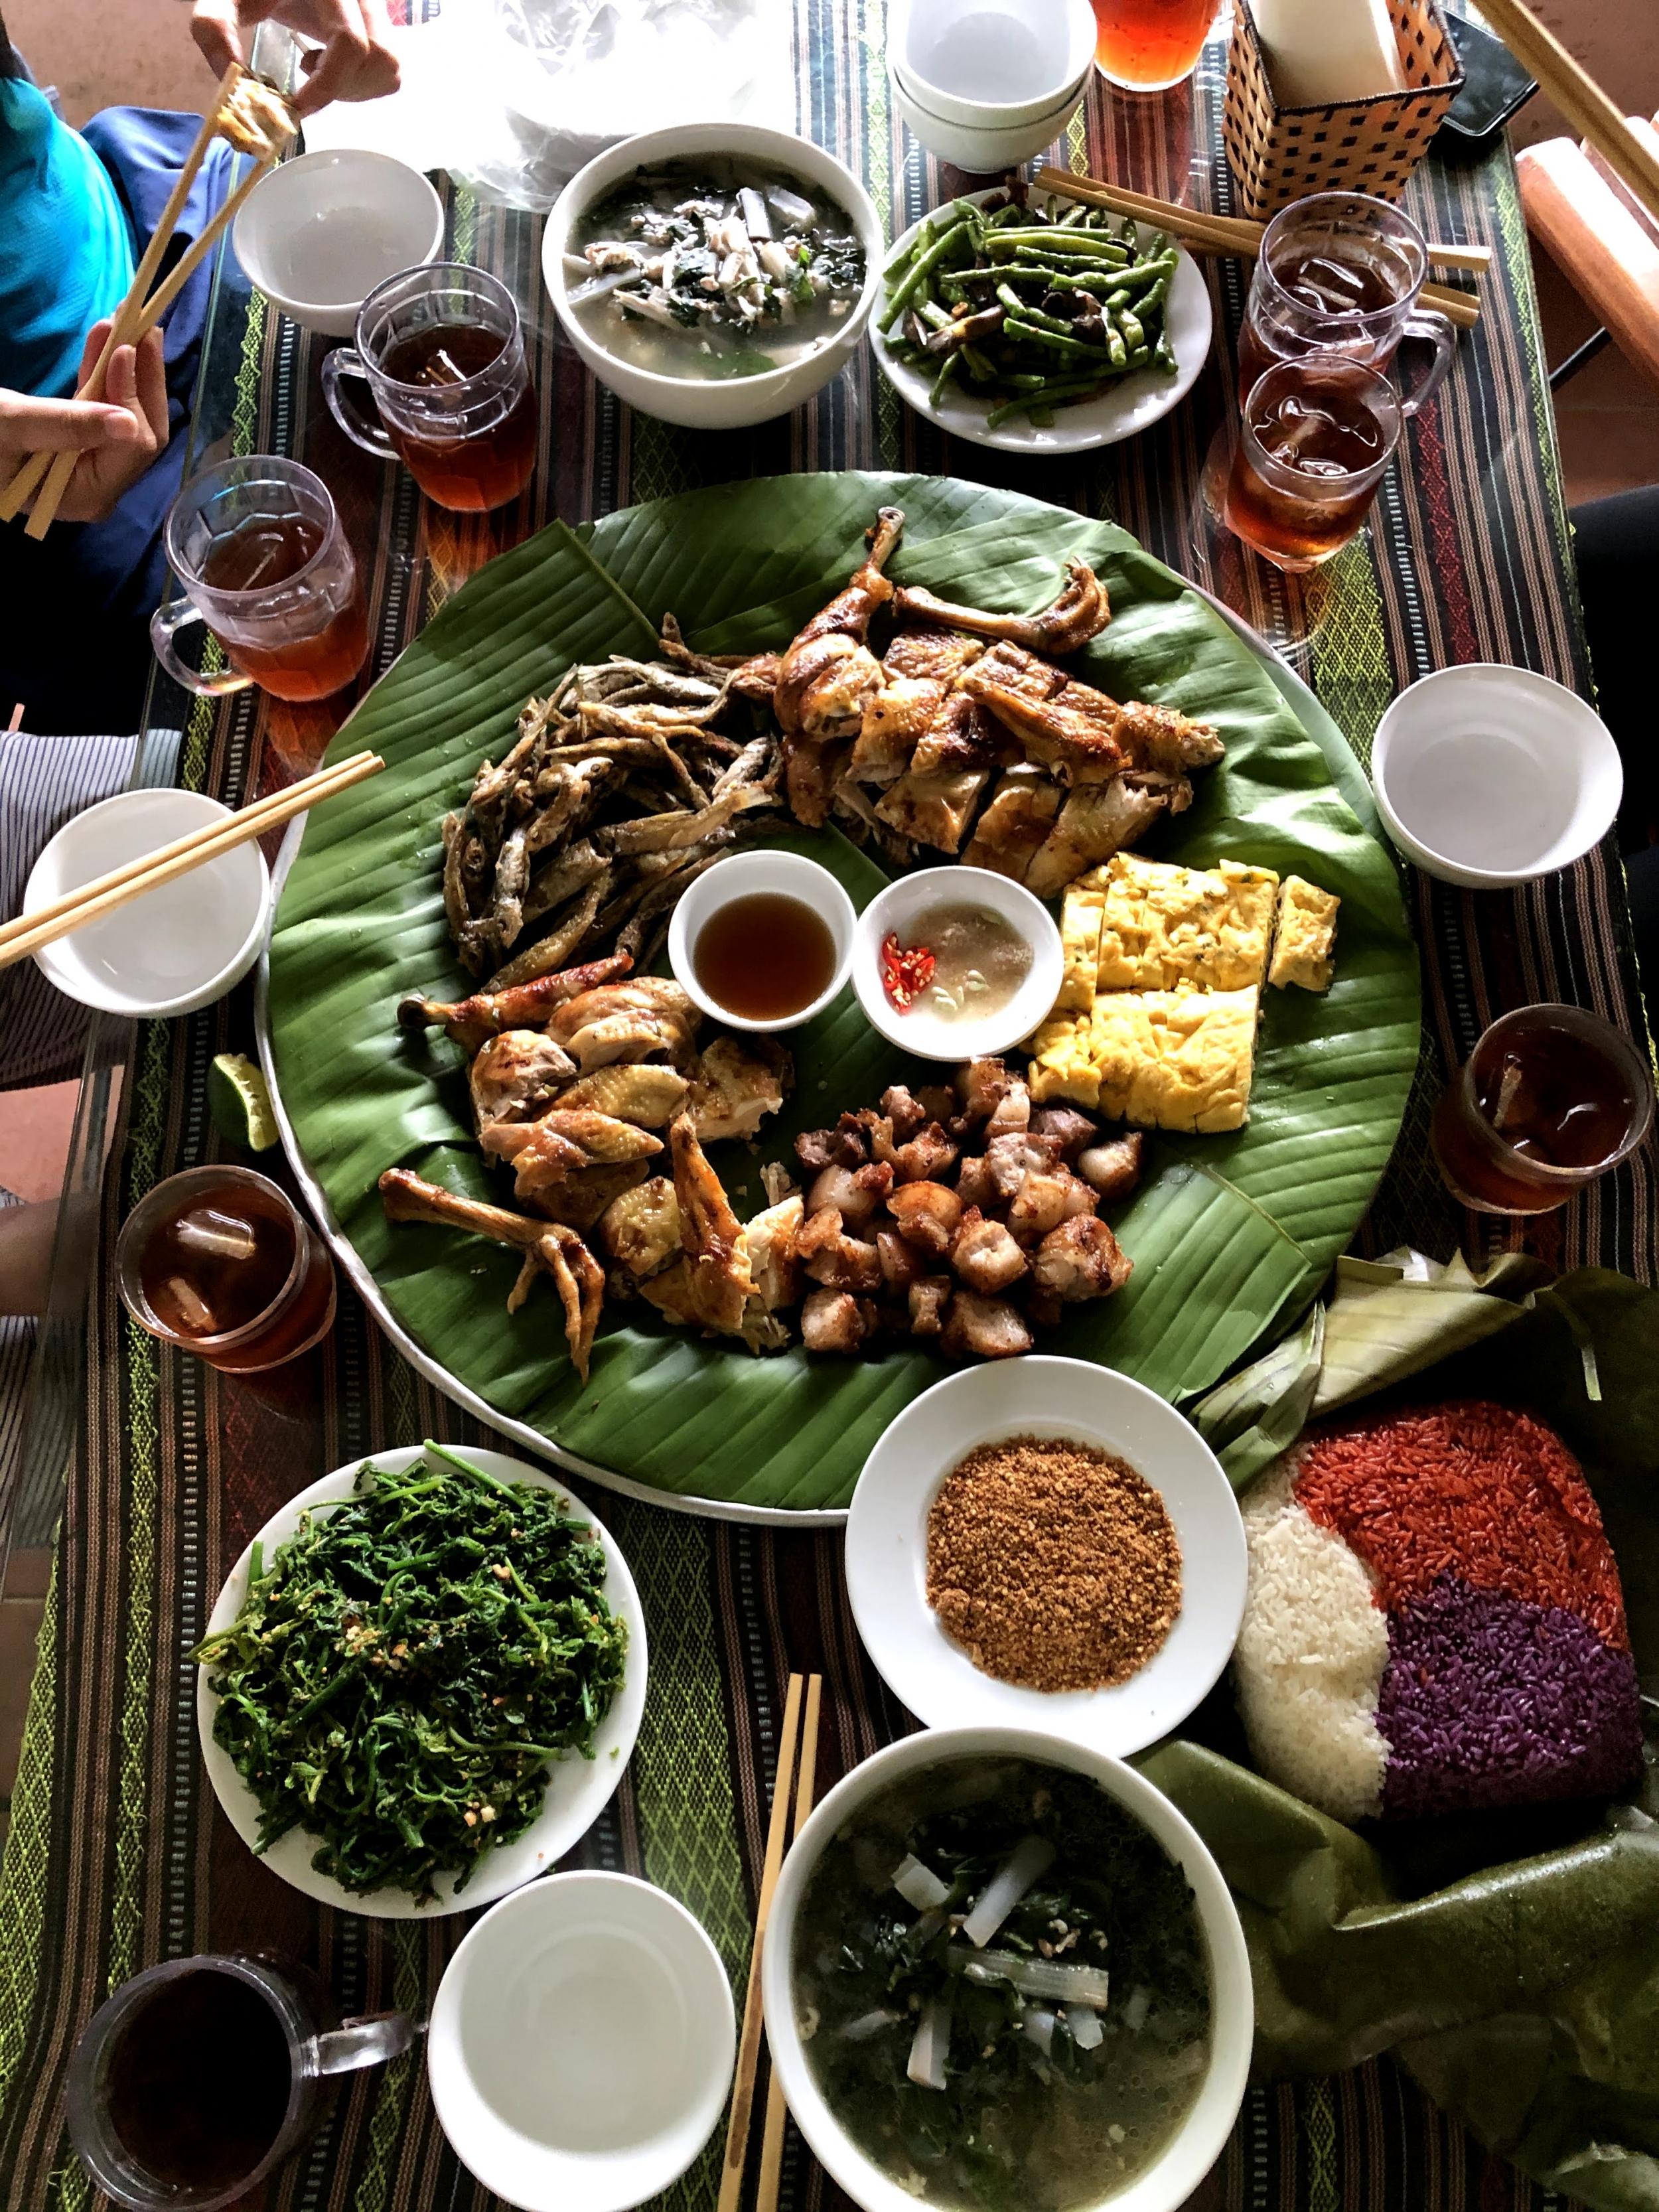 Khám phá ẩm thực mâm cỗ lá người Mường-Tân Sơn, Phú Thọ